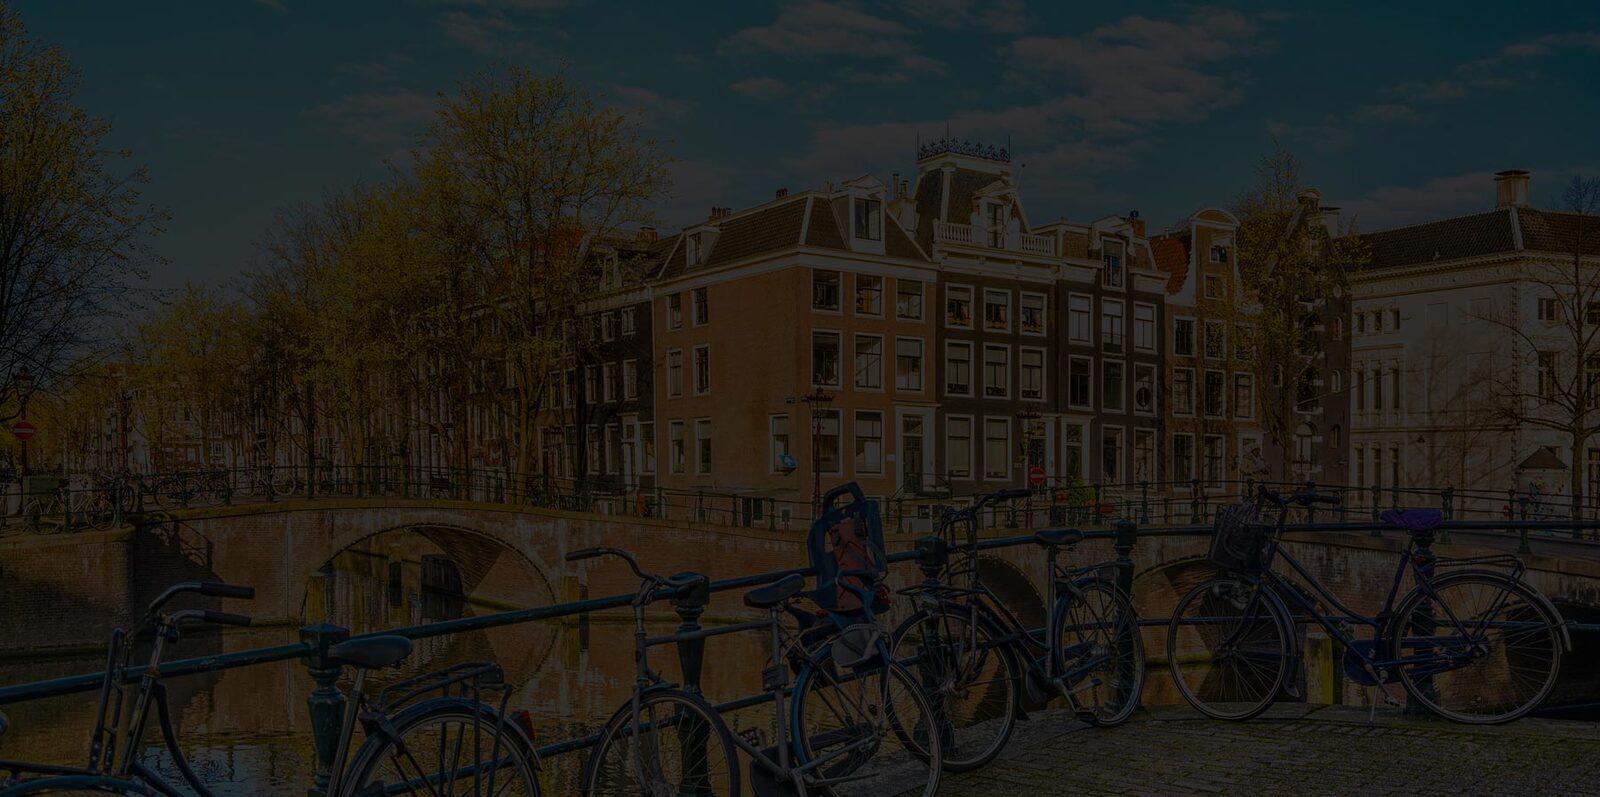 Bikeboxx Amsterdam